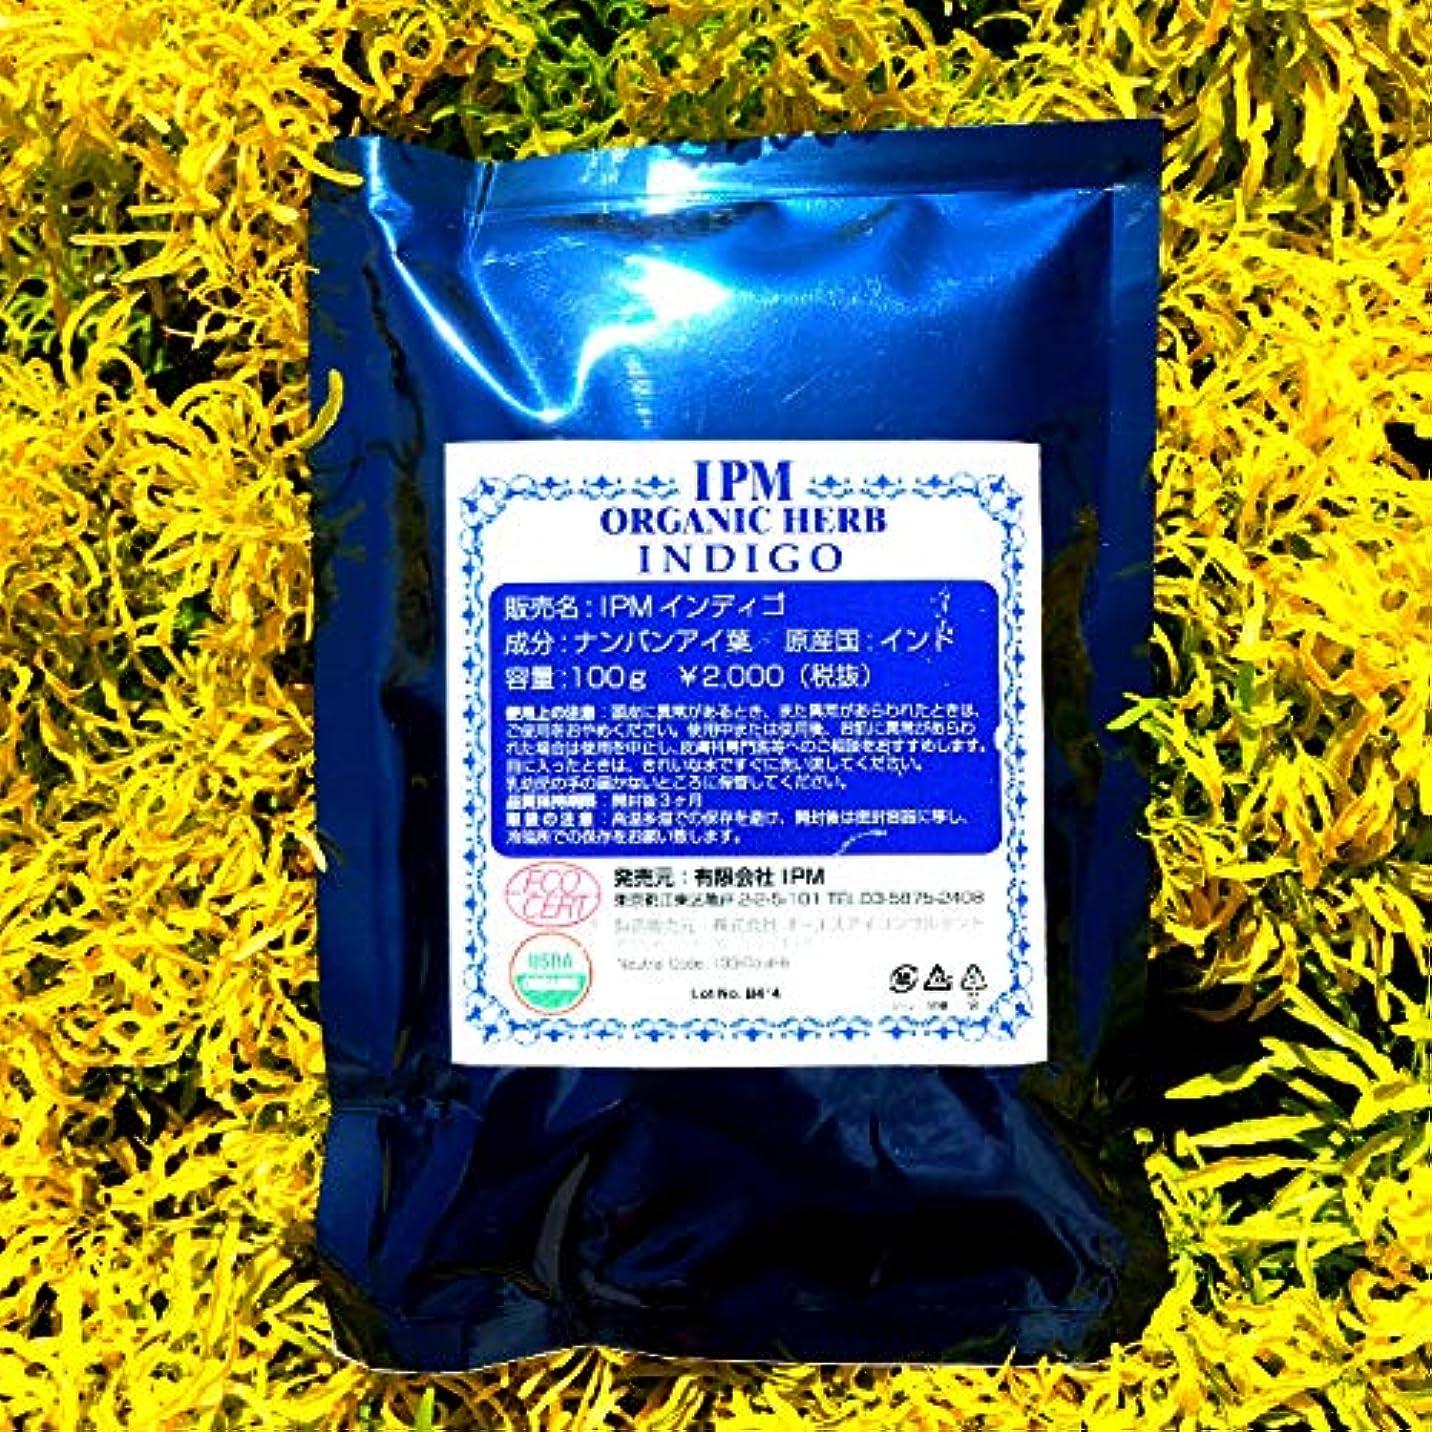 降伏優しさ若いIPM インディゴ 500g (100g×5)